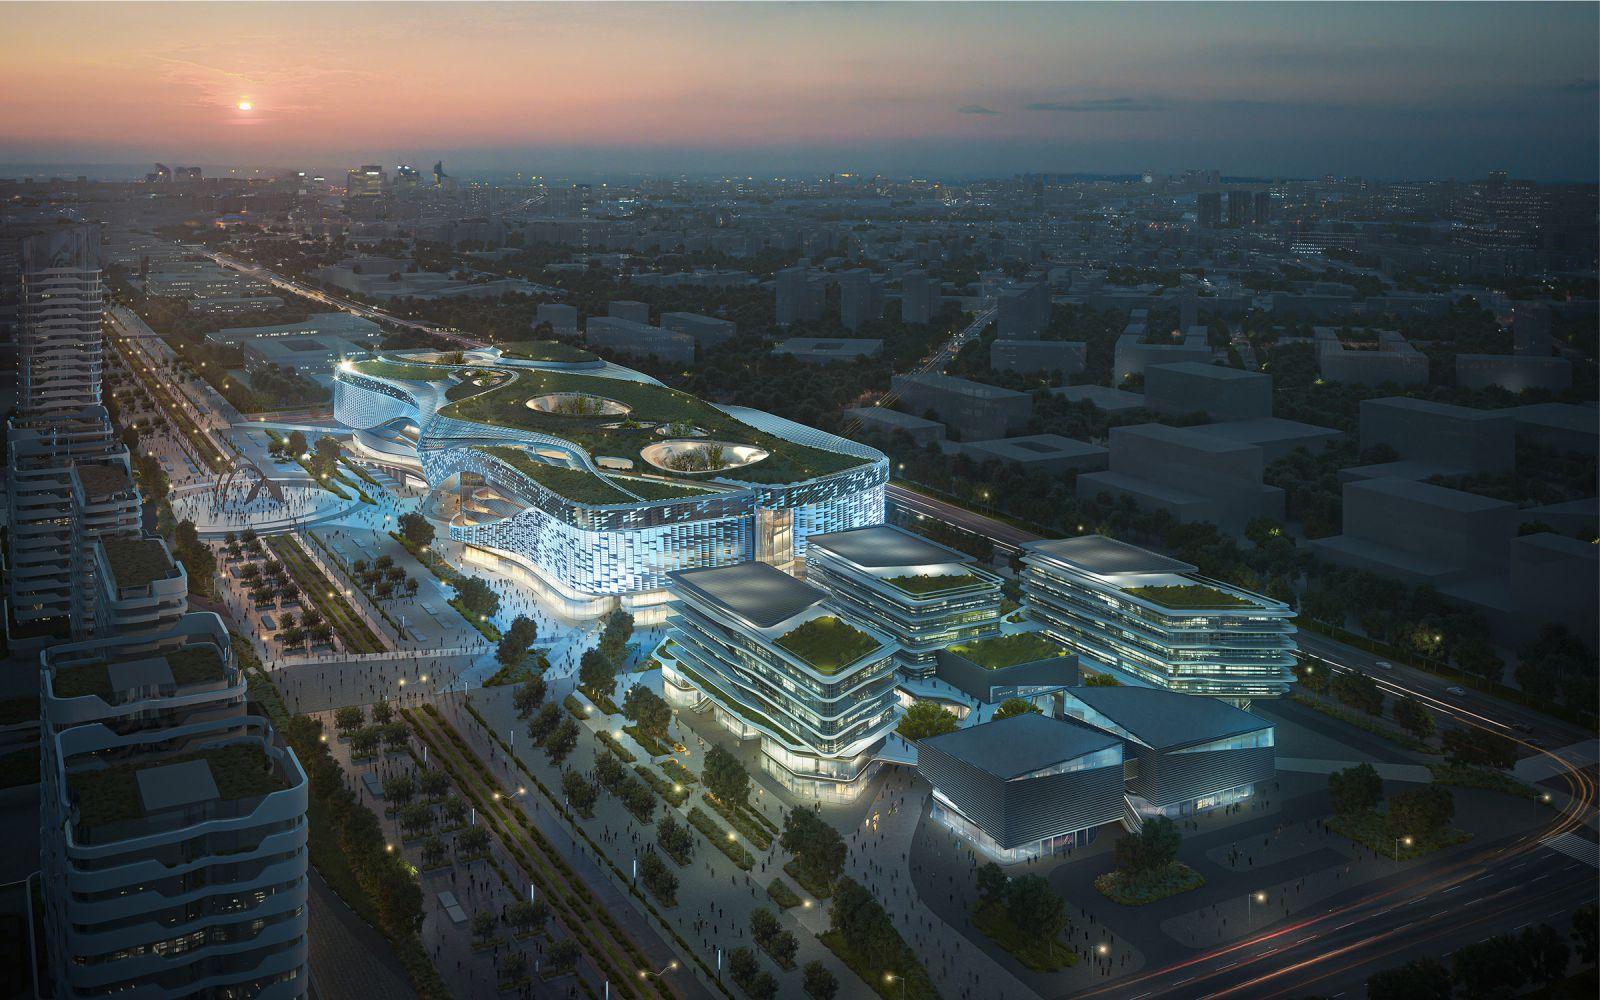 Nanjing Dajiaochang Airport